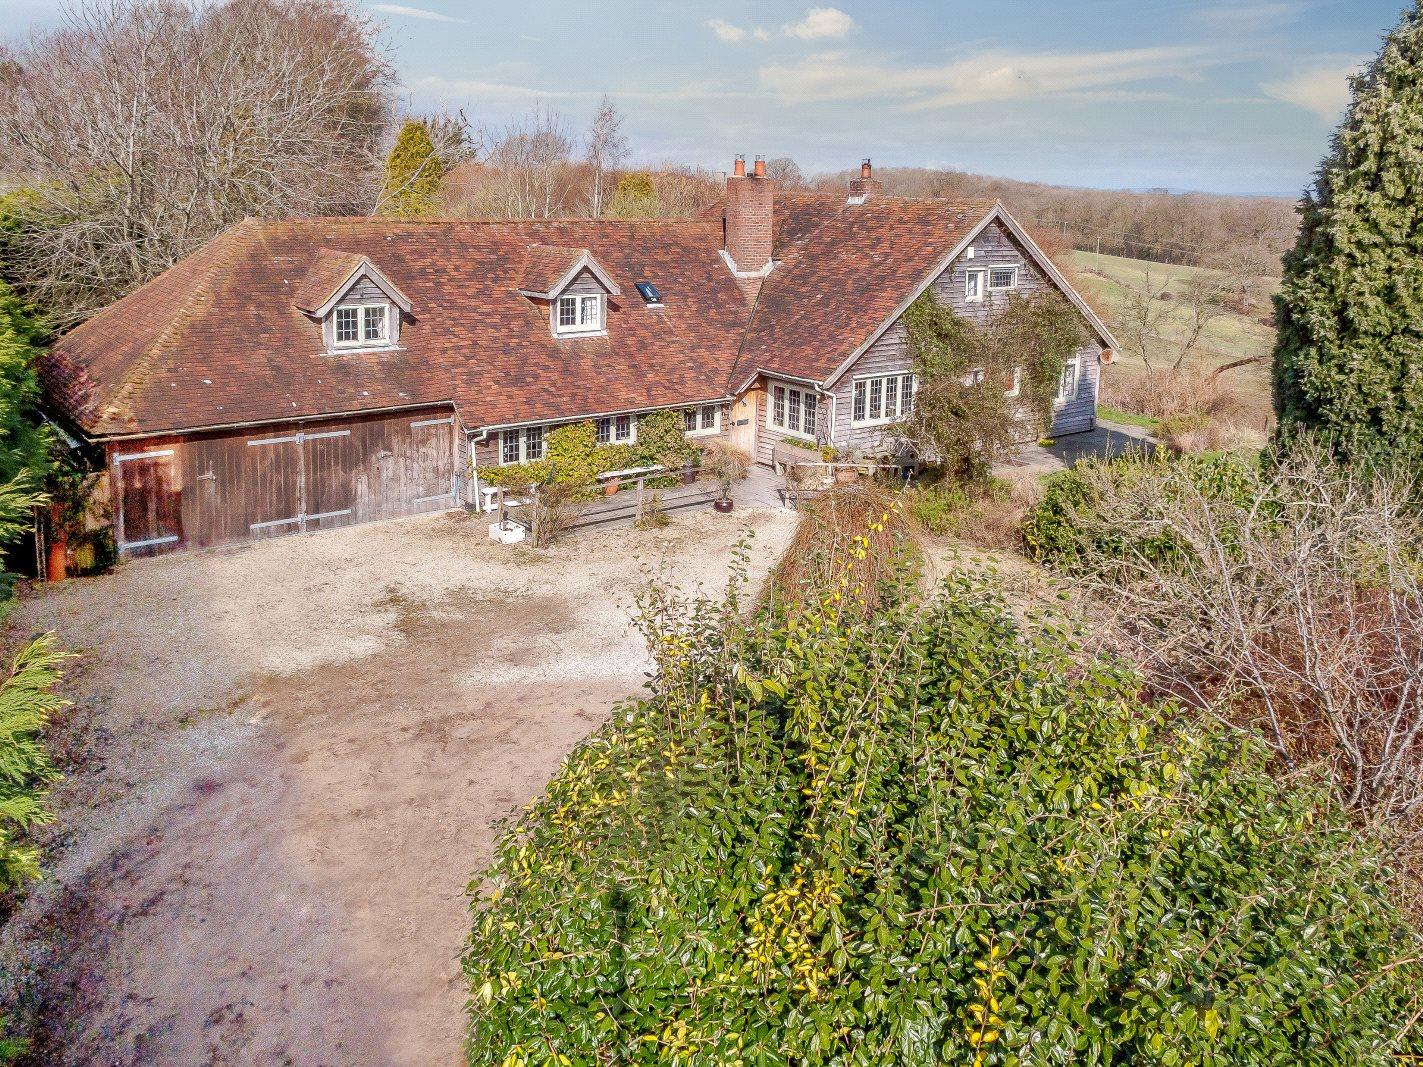 Casa Unifamiliar por un Venta en Crays Lane, Thakeham, Pulborough, West Sussex, RH20 Pulborough, Inglaterra